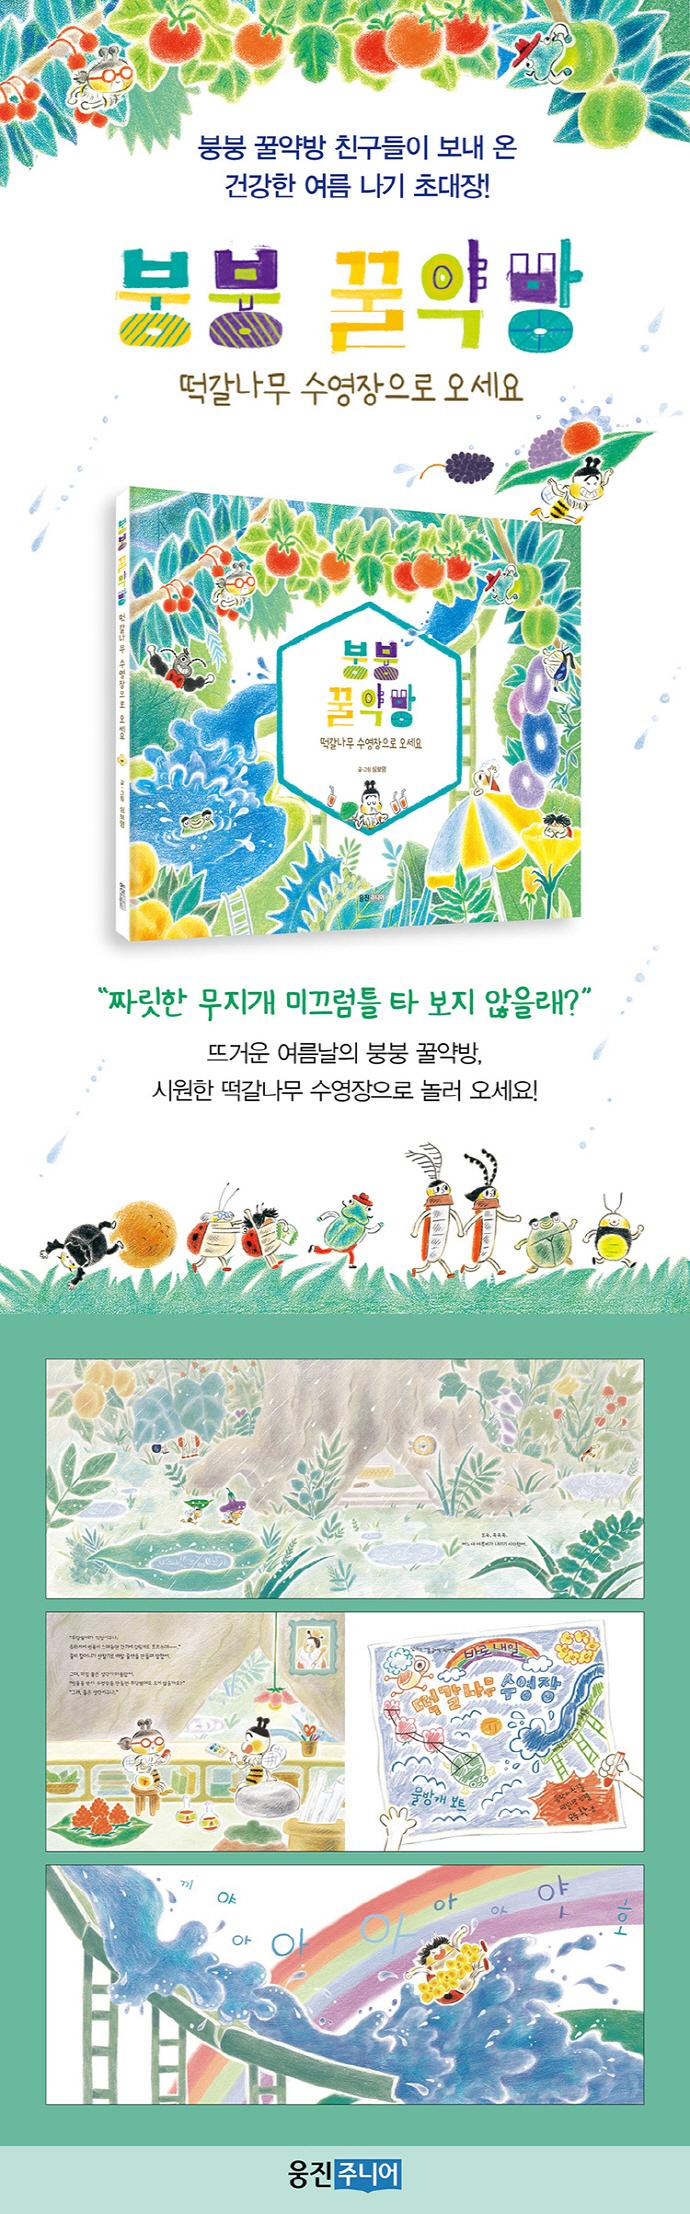 붕붕 꿀약방(웅진 우리그림책 62)(양장본 HardCover) 도서 상세이미지